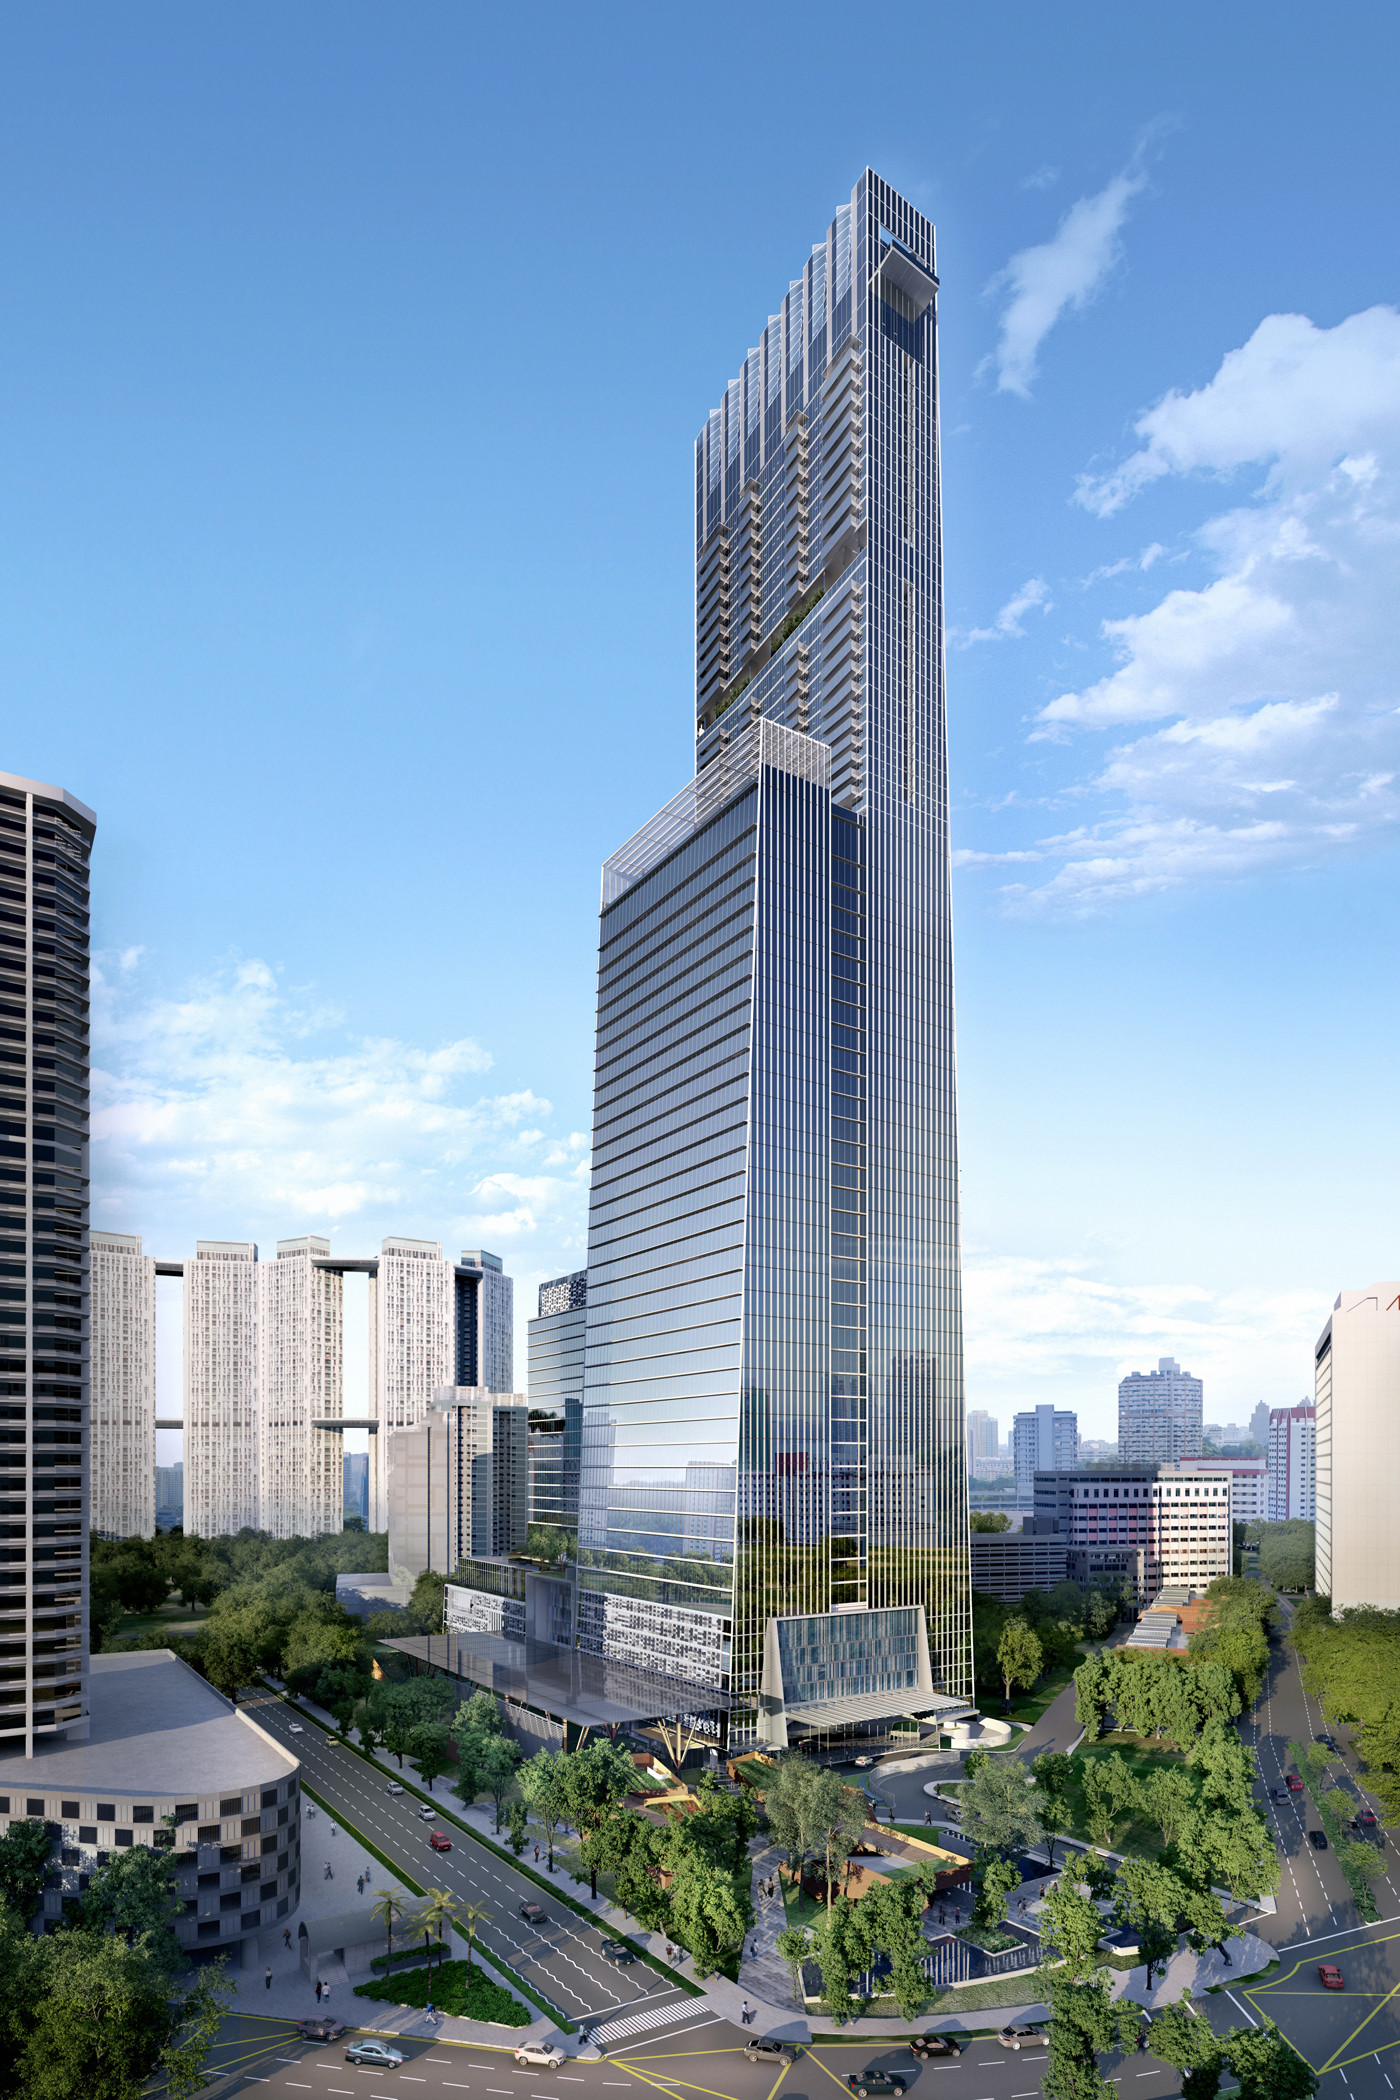 SOM conceberá o edifício mais alto de Singapura